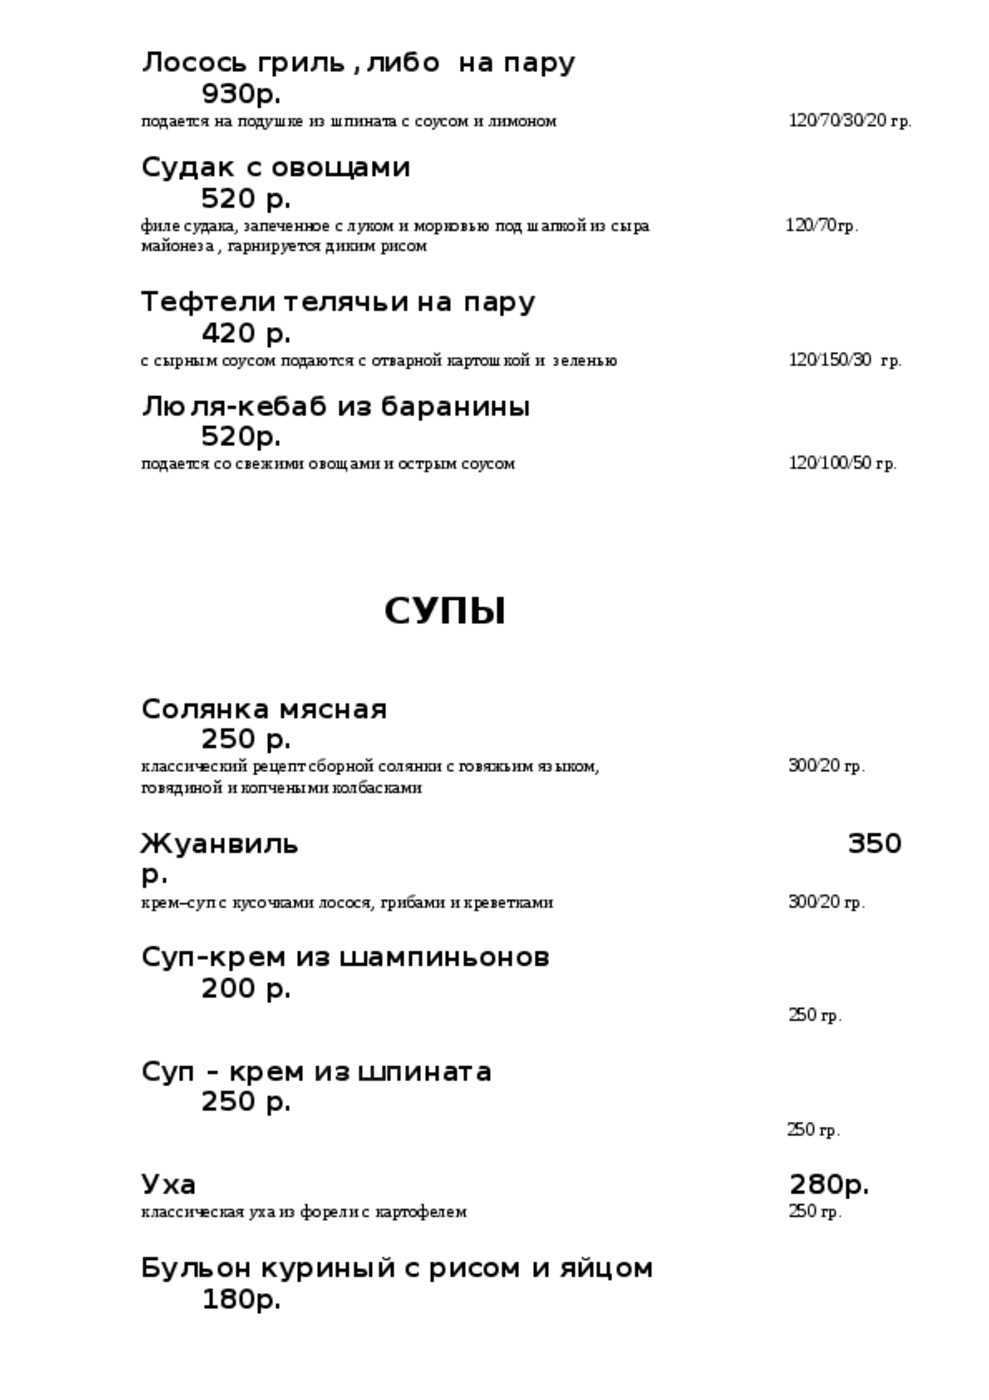 Меню ресторана Лира-Престо (LYRA-PRESTO) на Днепропетровской улице